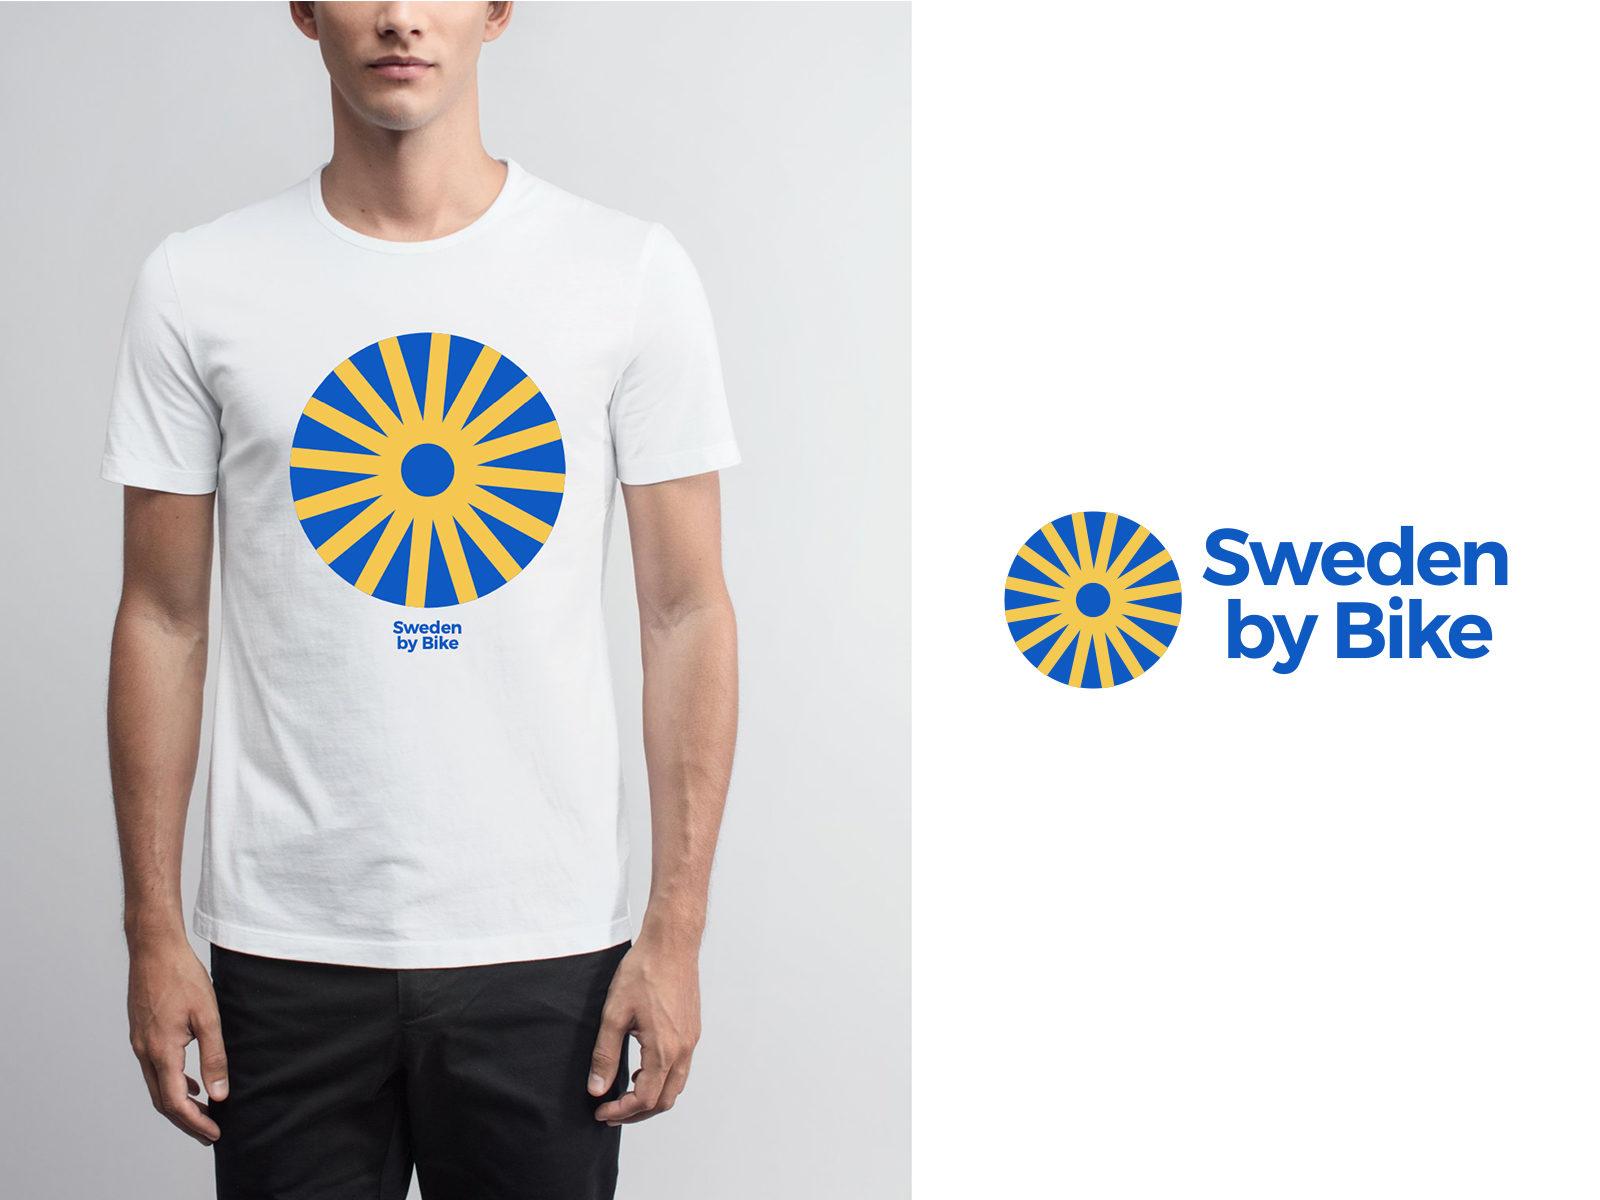 Sweden by Bike - new logo